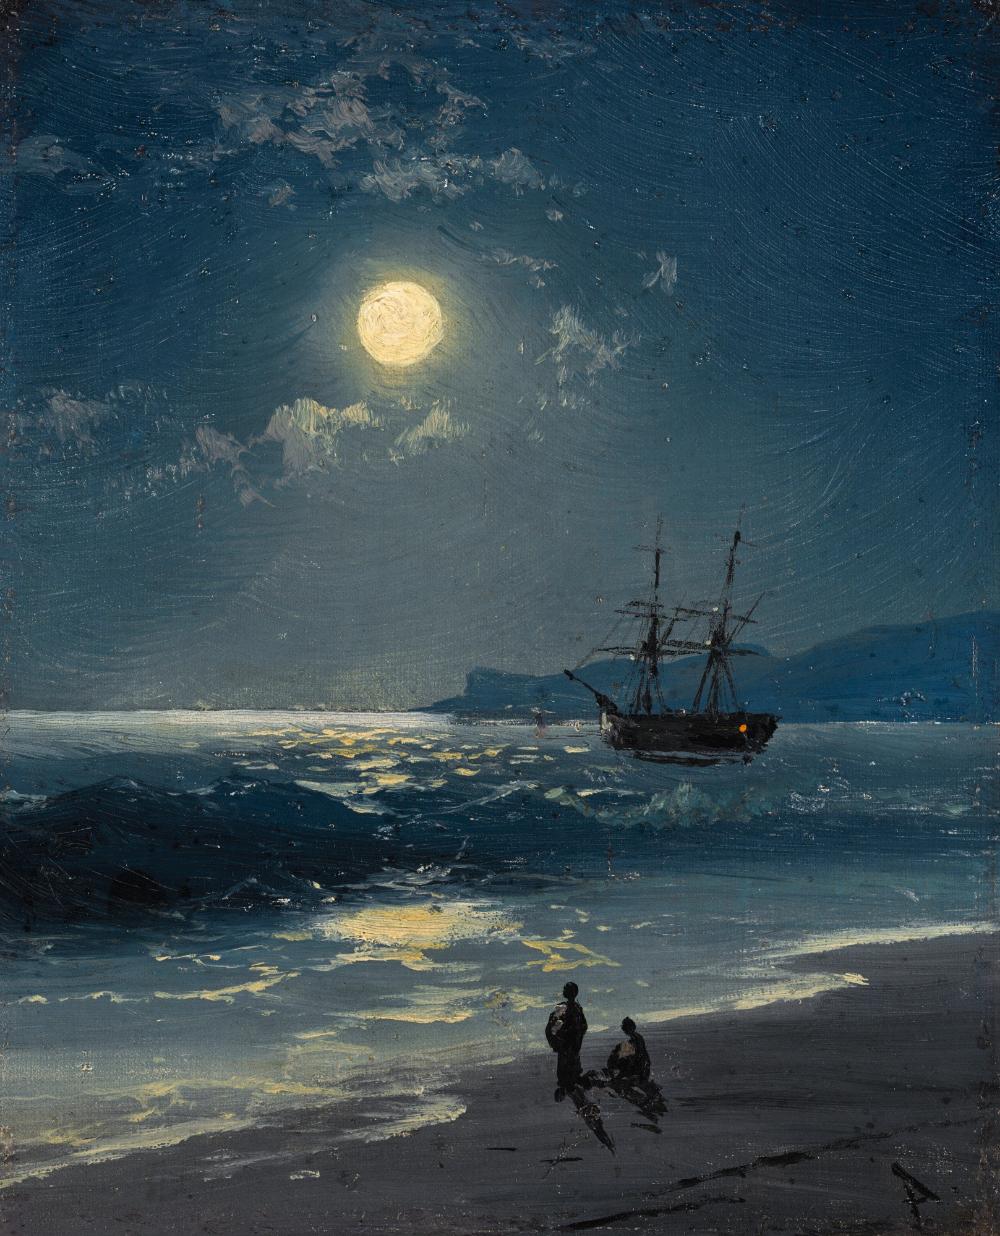 картина айвазовского море в лунном свете картинки этим предметам меня